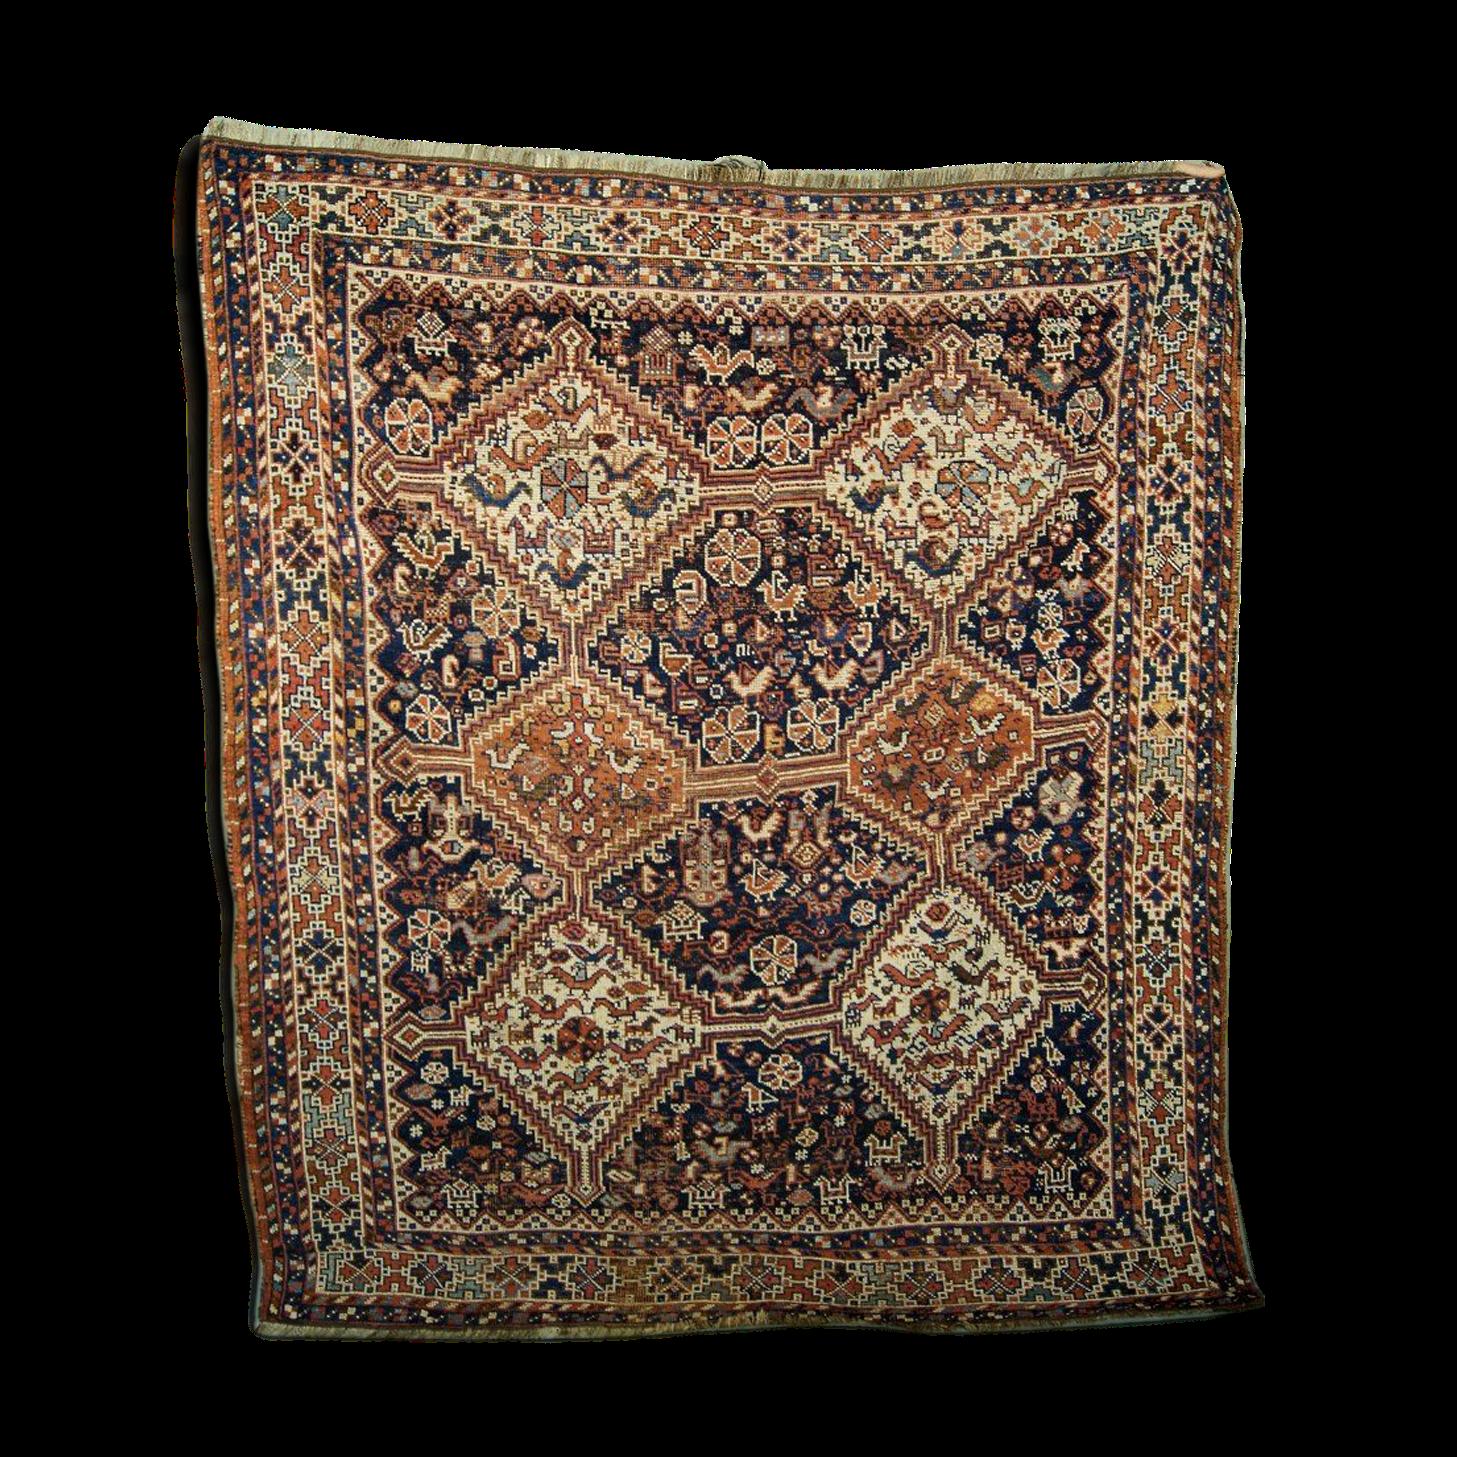 Tapis persan antique de shiraz années 1880 166x194cm